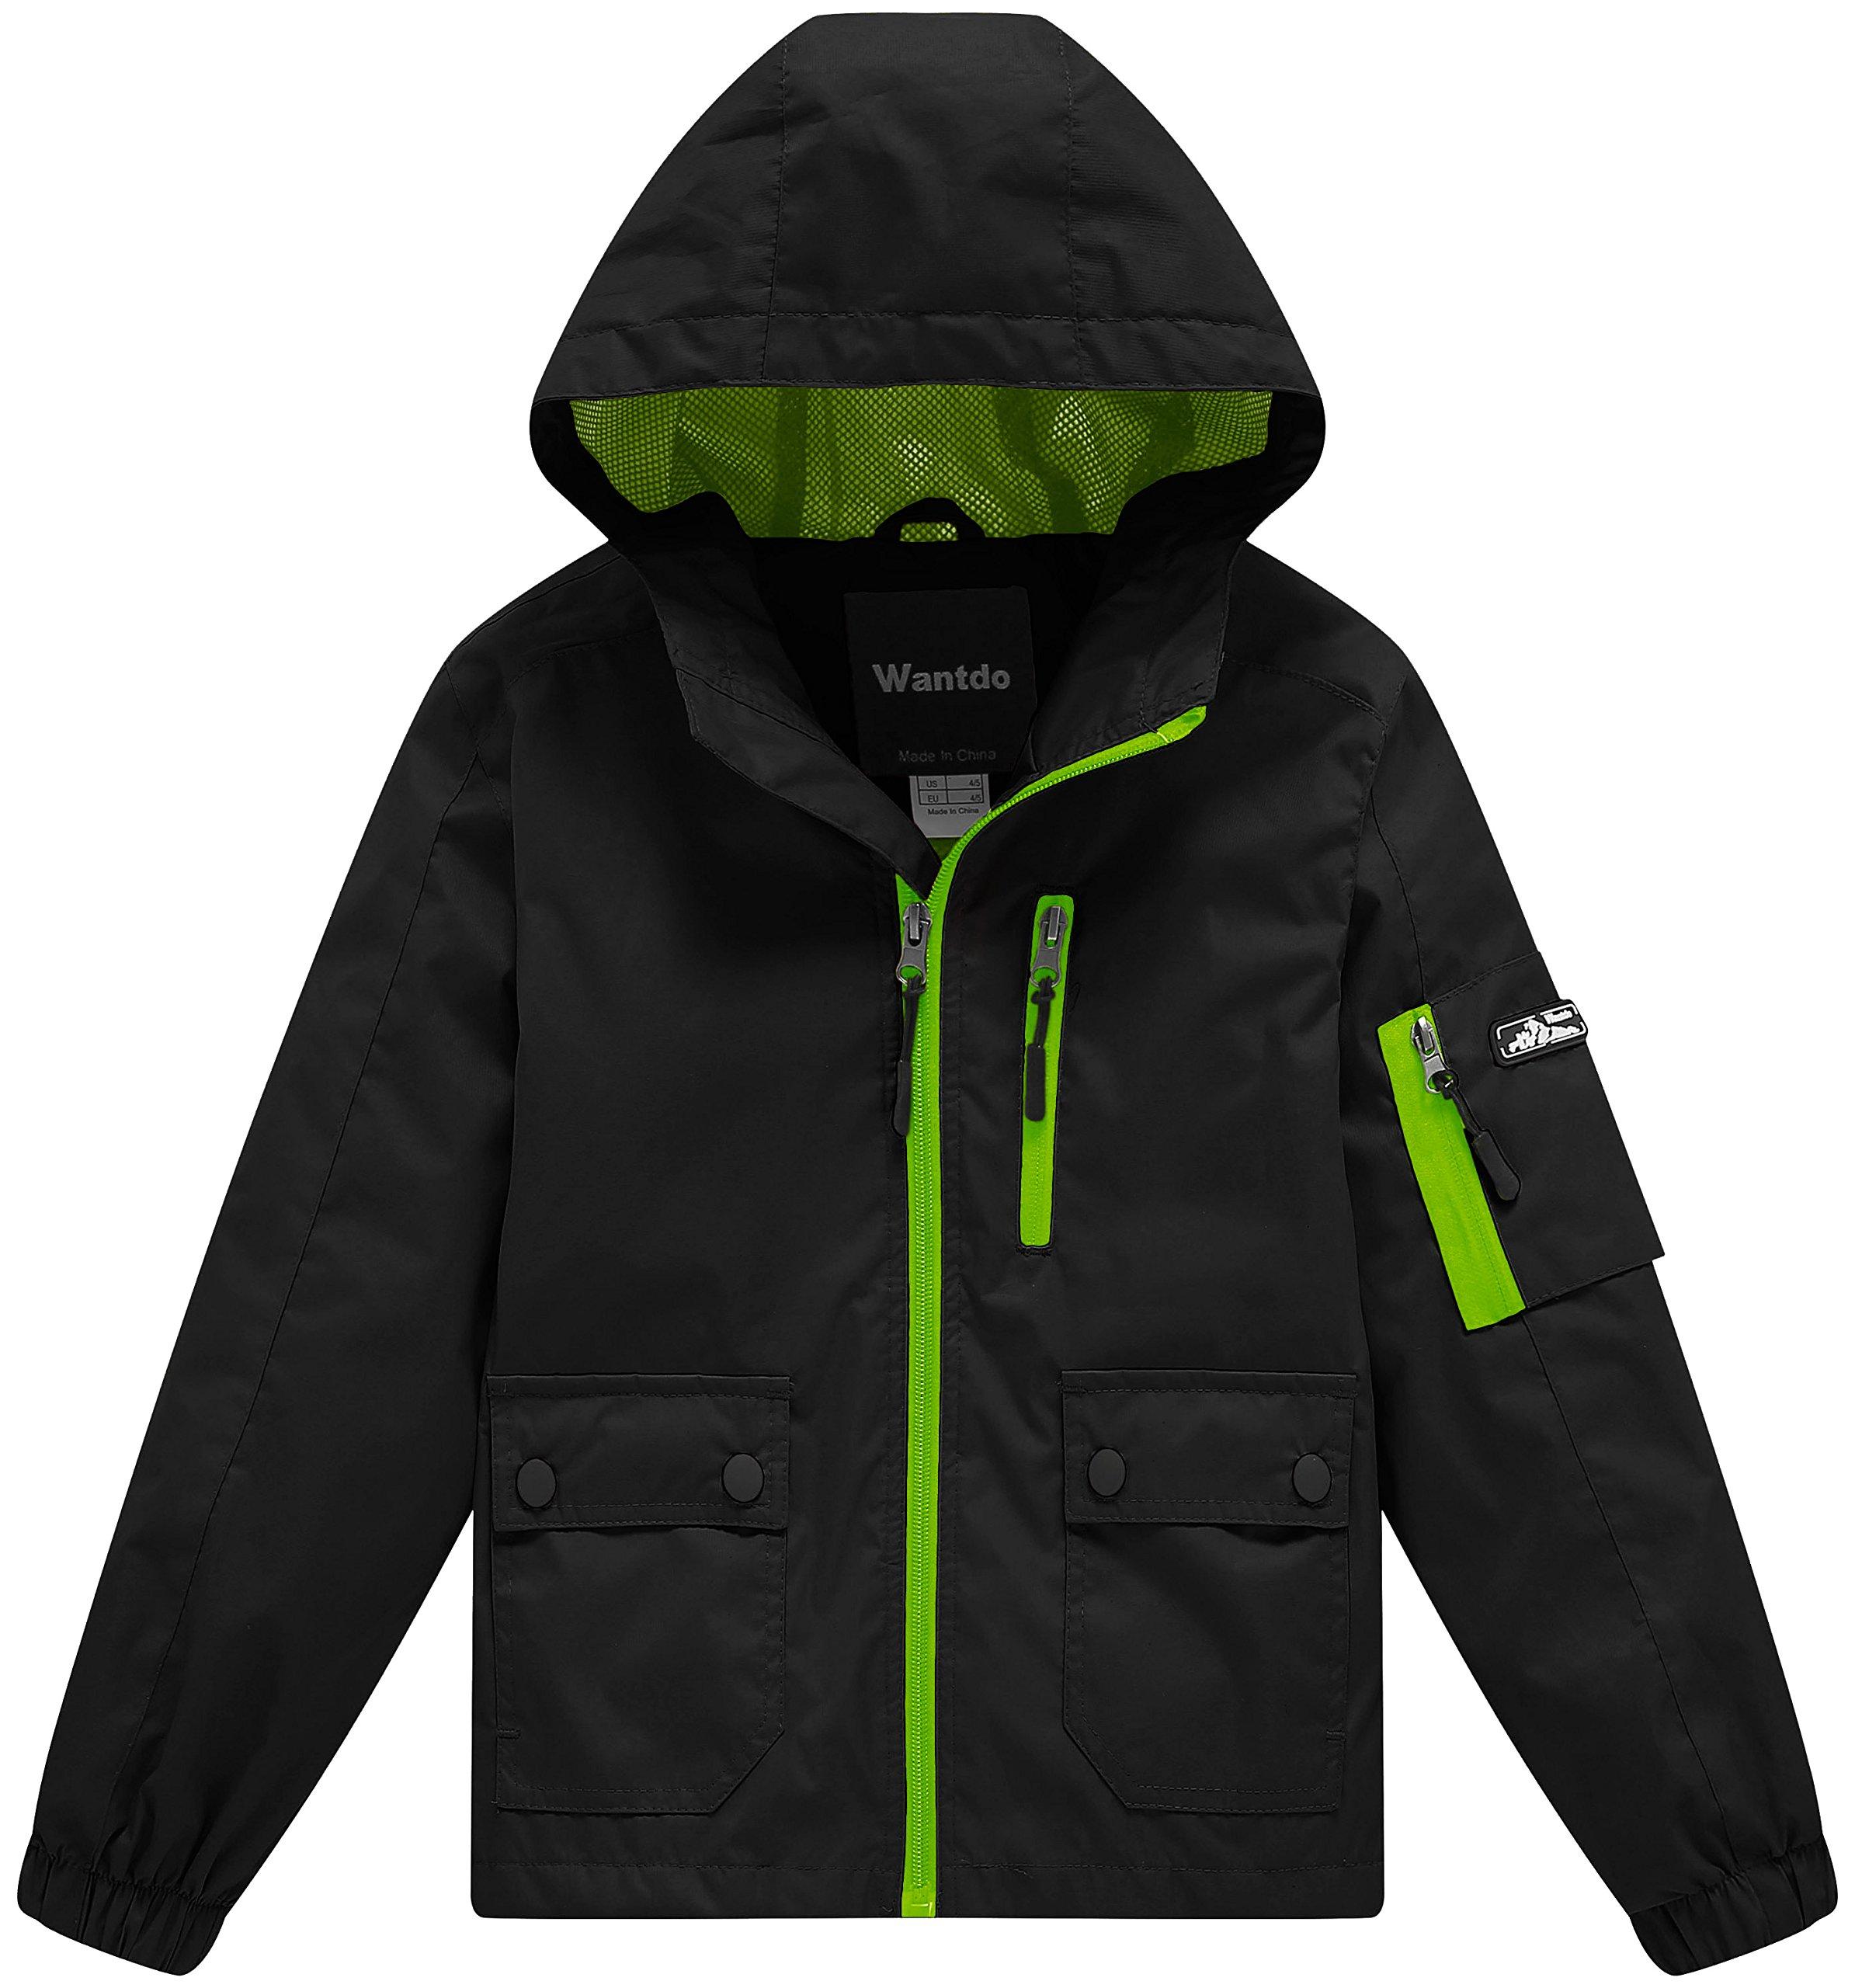 Wantdo Boy's Lightweight Hooded Rain Jacket Waterproof Outwear with Zipper for Running(Black, 10/12)